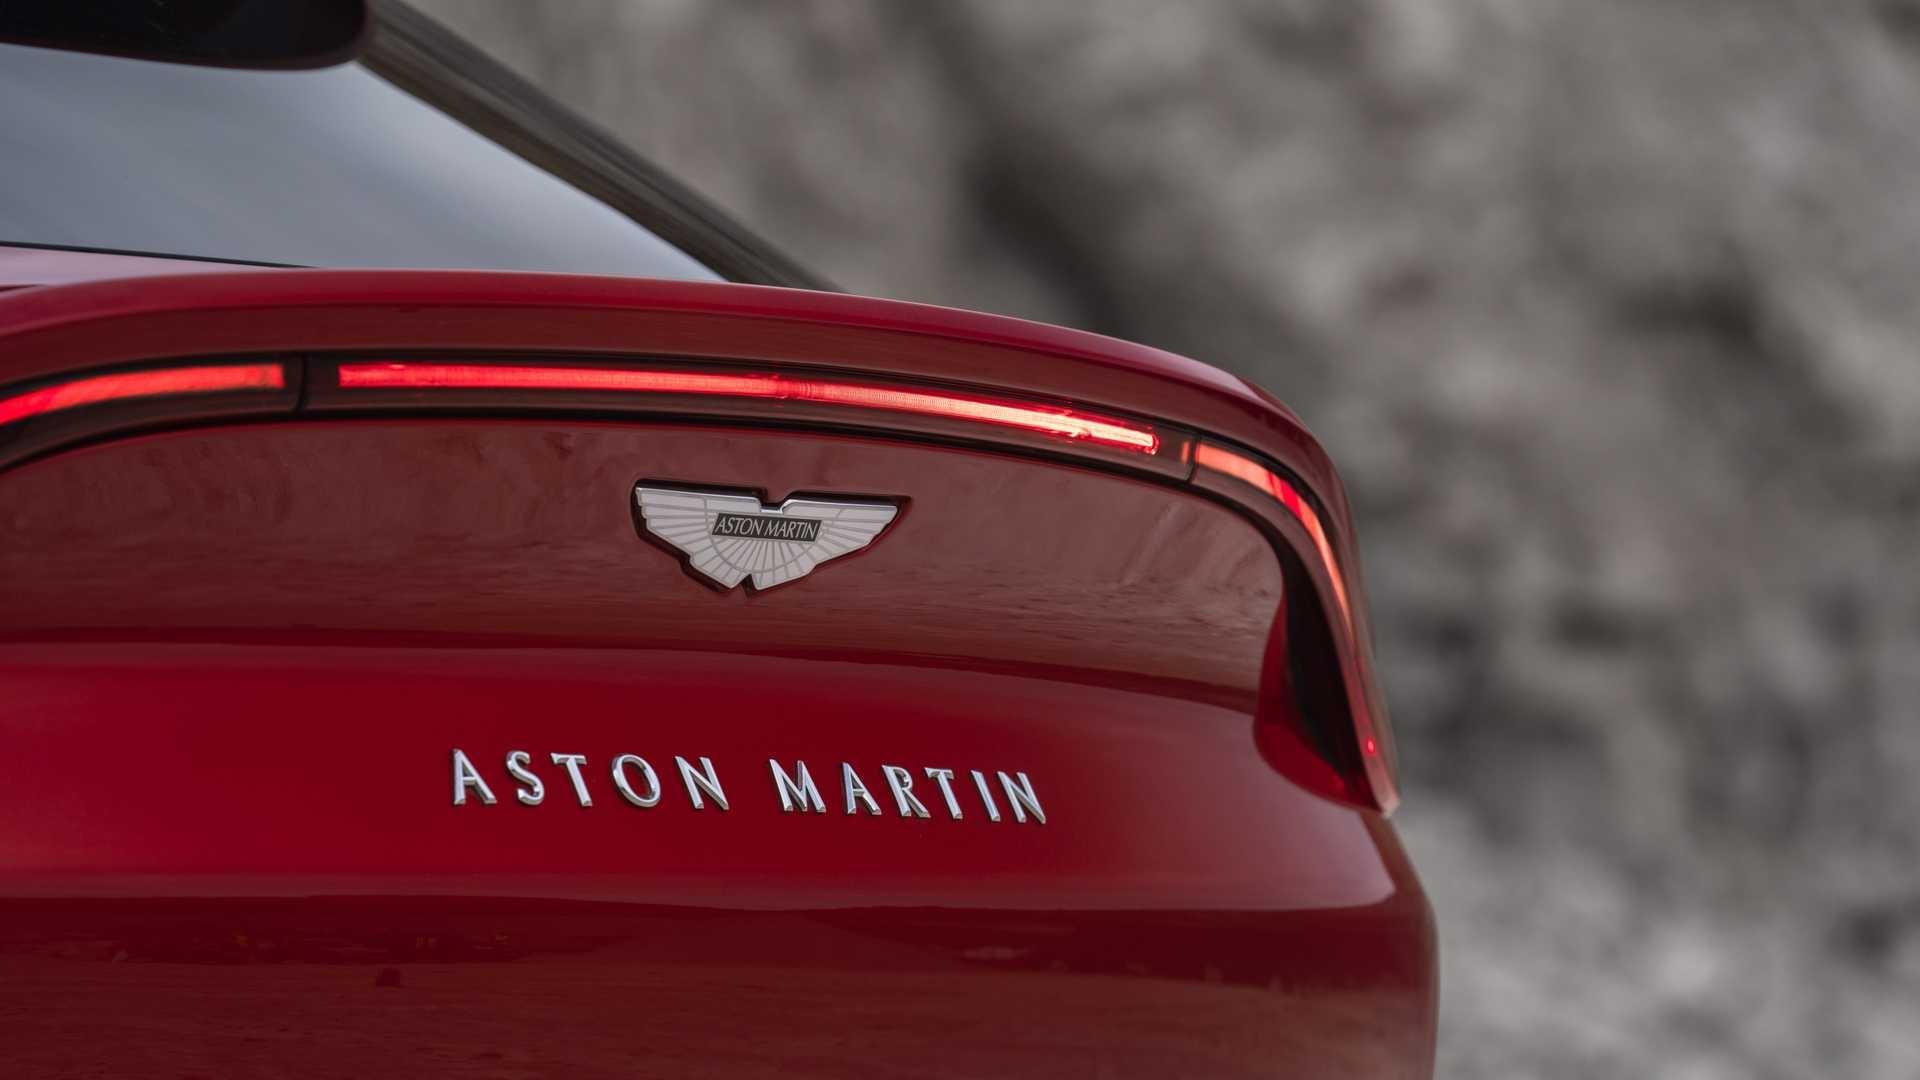 Chi tiet chiec SUV dau tien trong lich su 106 nam cua Aston Martin hinh anh 13